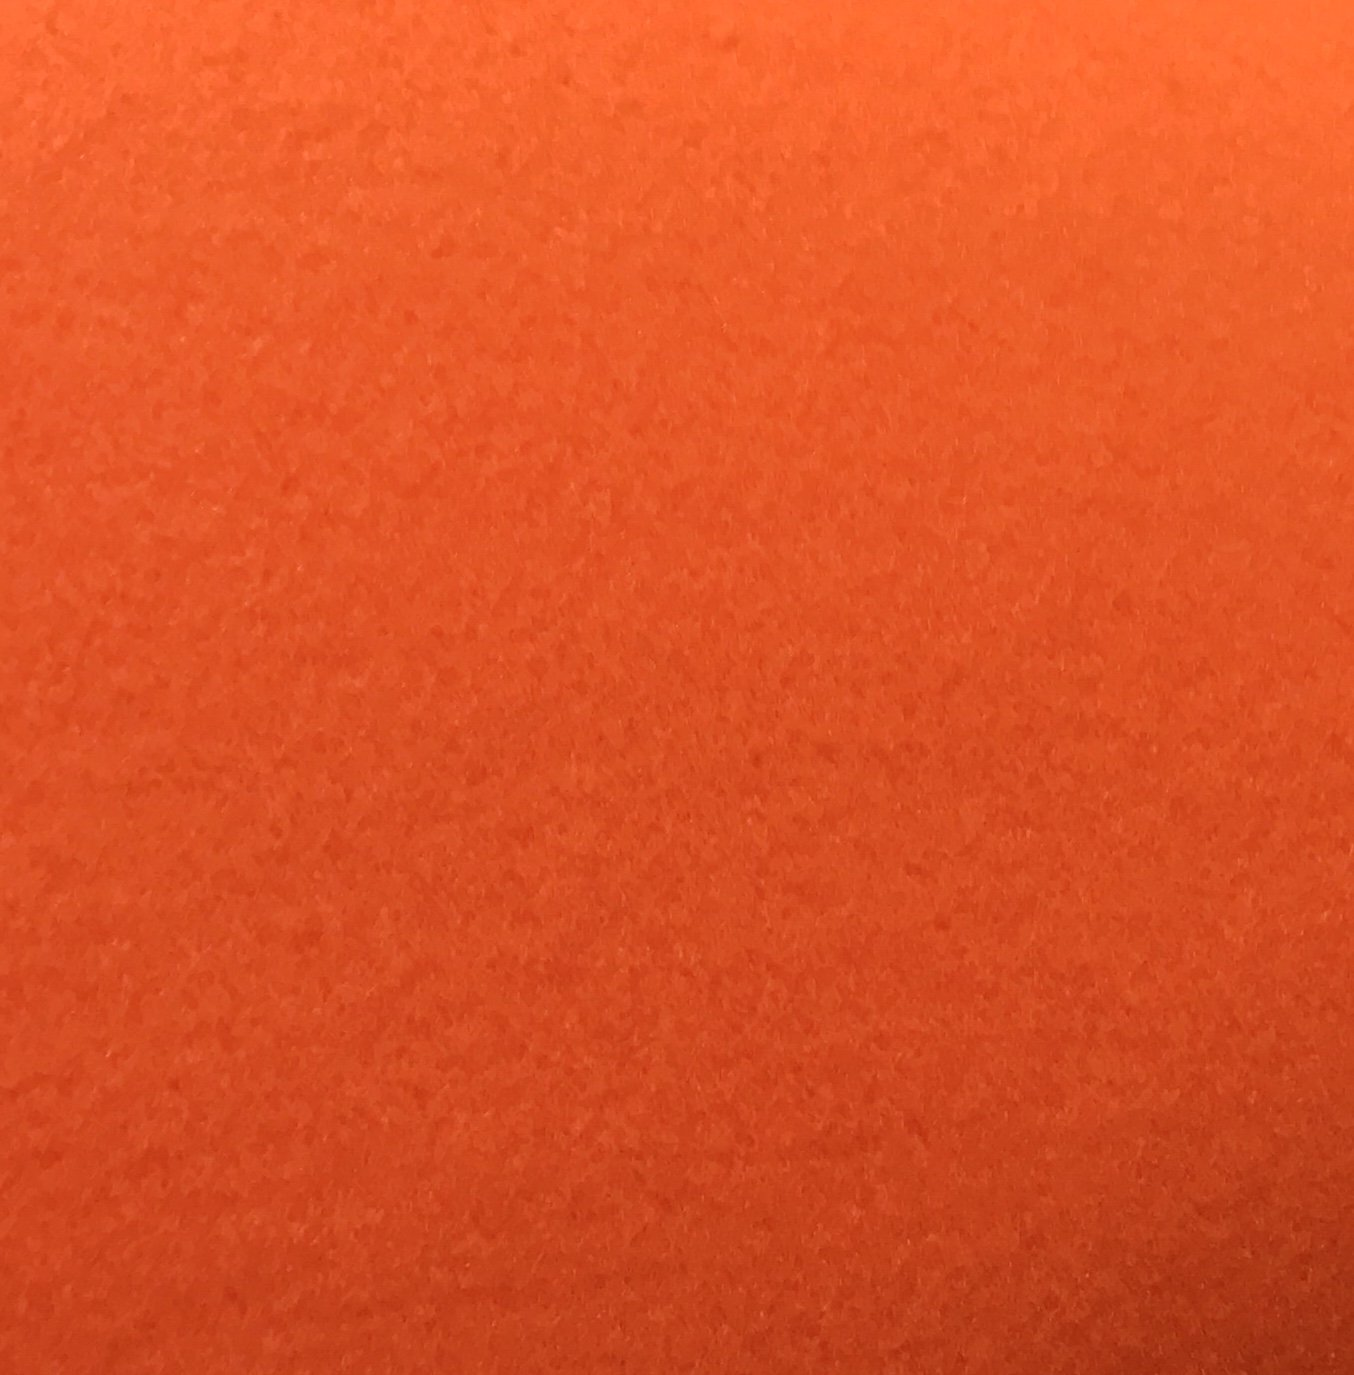 P200 - Florescent Orange